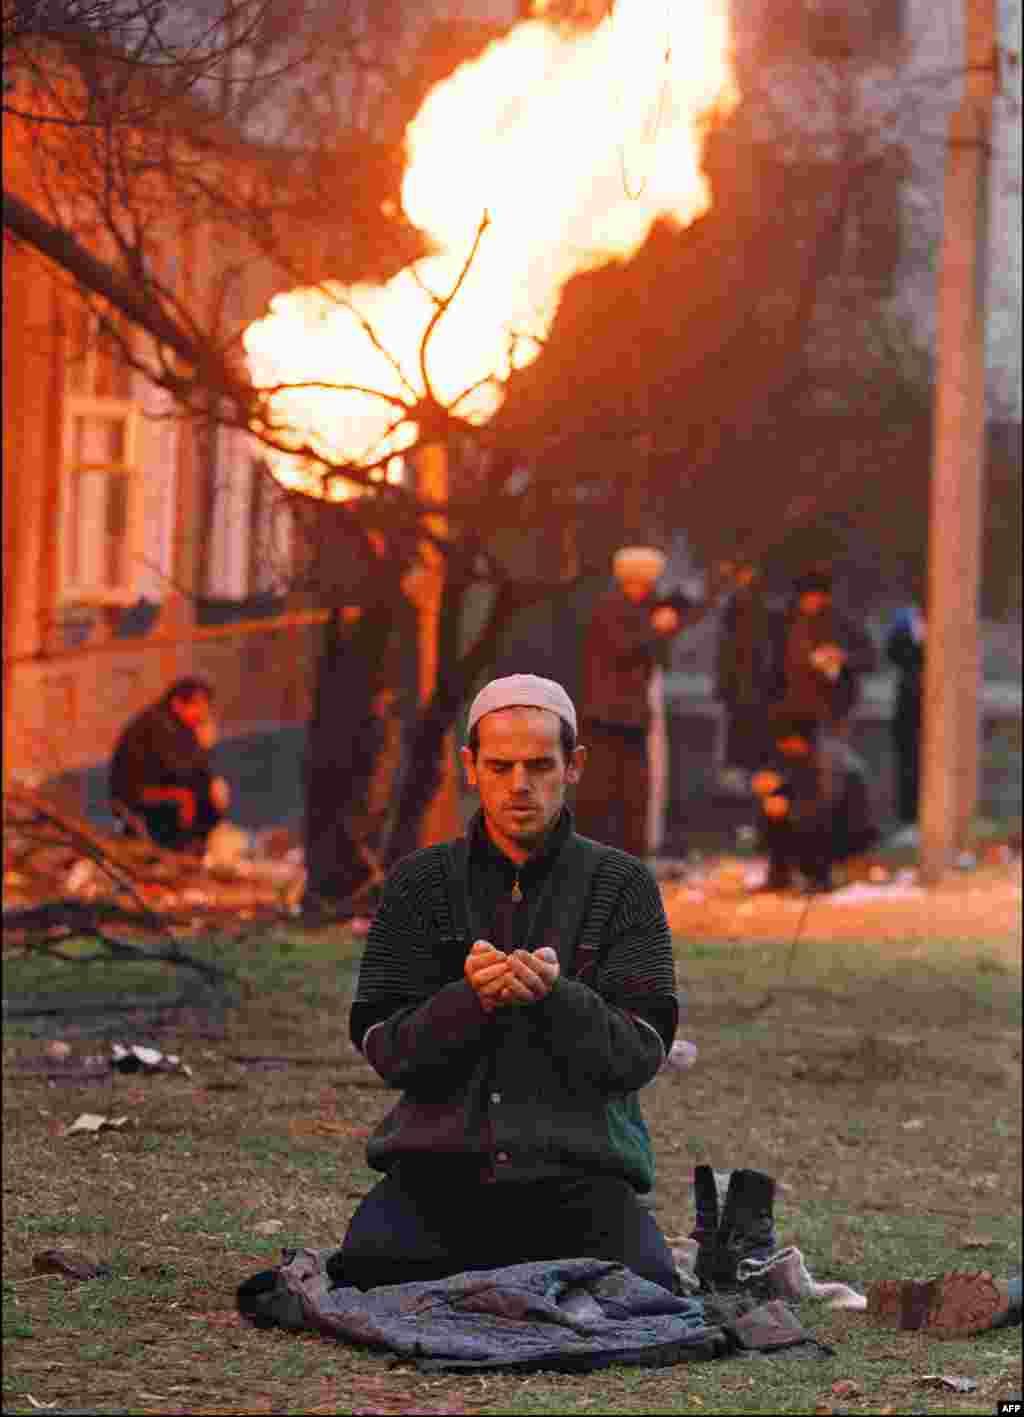 По мере того, как партизанская война затягивалась, все больше иностранных боевиков отправлялись в Чечню воевать на стороне чеченцев